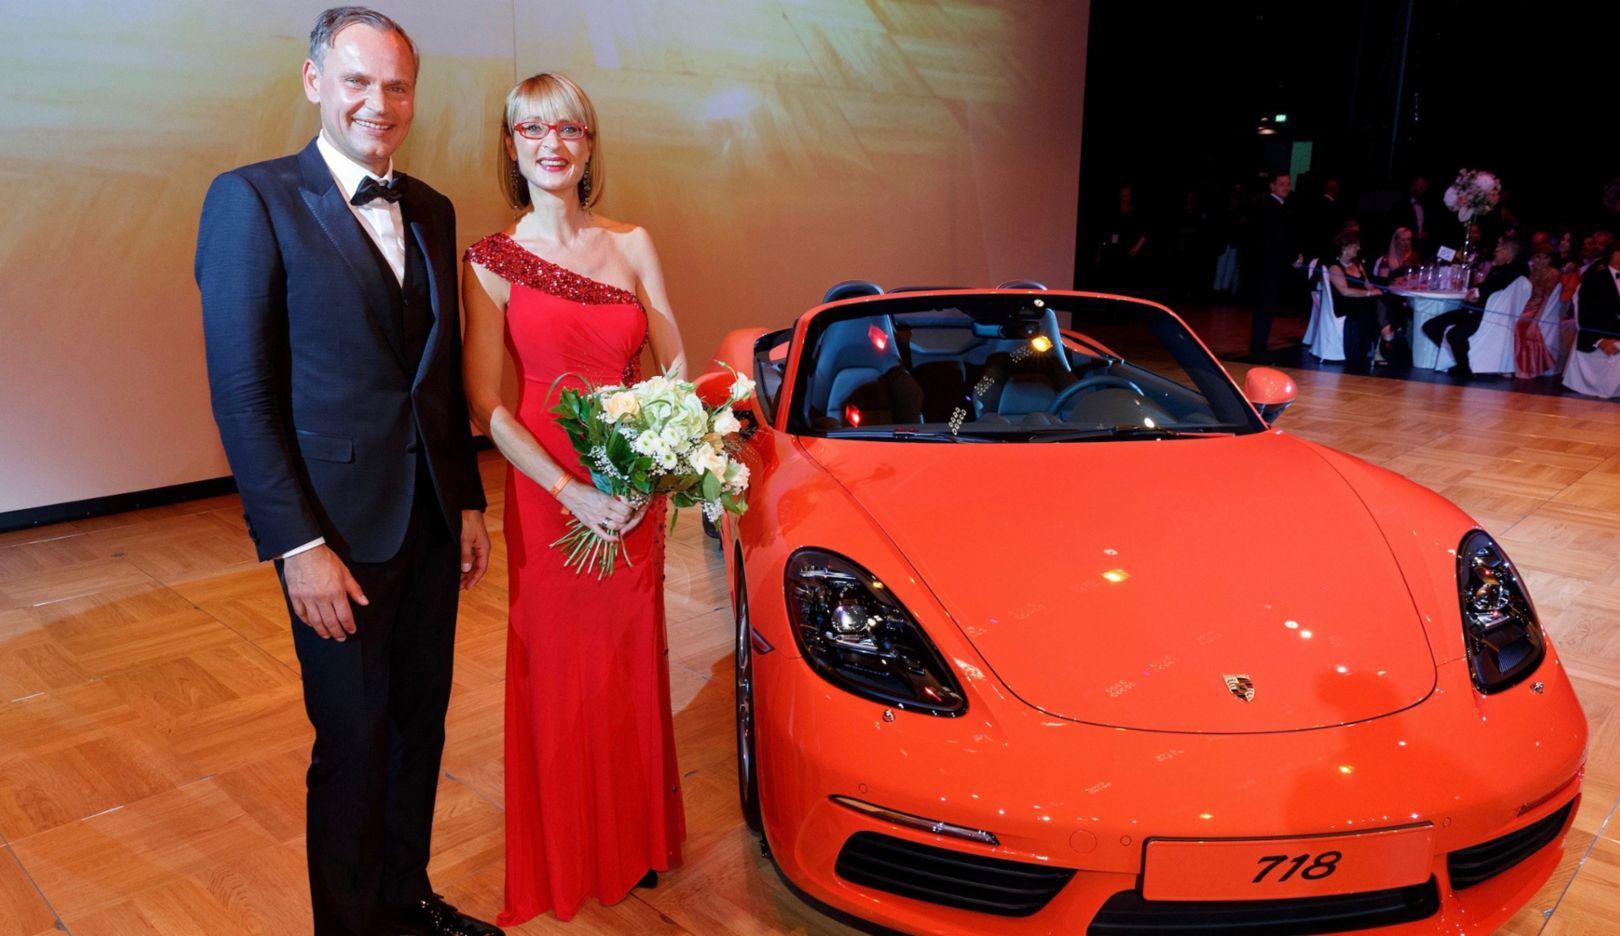 Oliver Blume, Vorstandsvorsitzender der Porsche AG, Peggy Huber, Tombola-Hauptpreisgewinnerin  l-r, Leipziger Opernball, 2016, Porsche AG